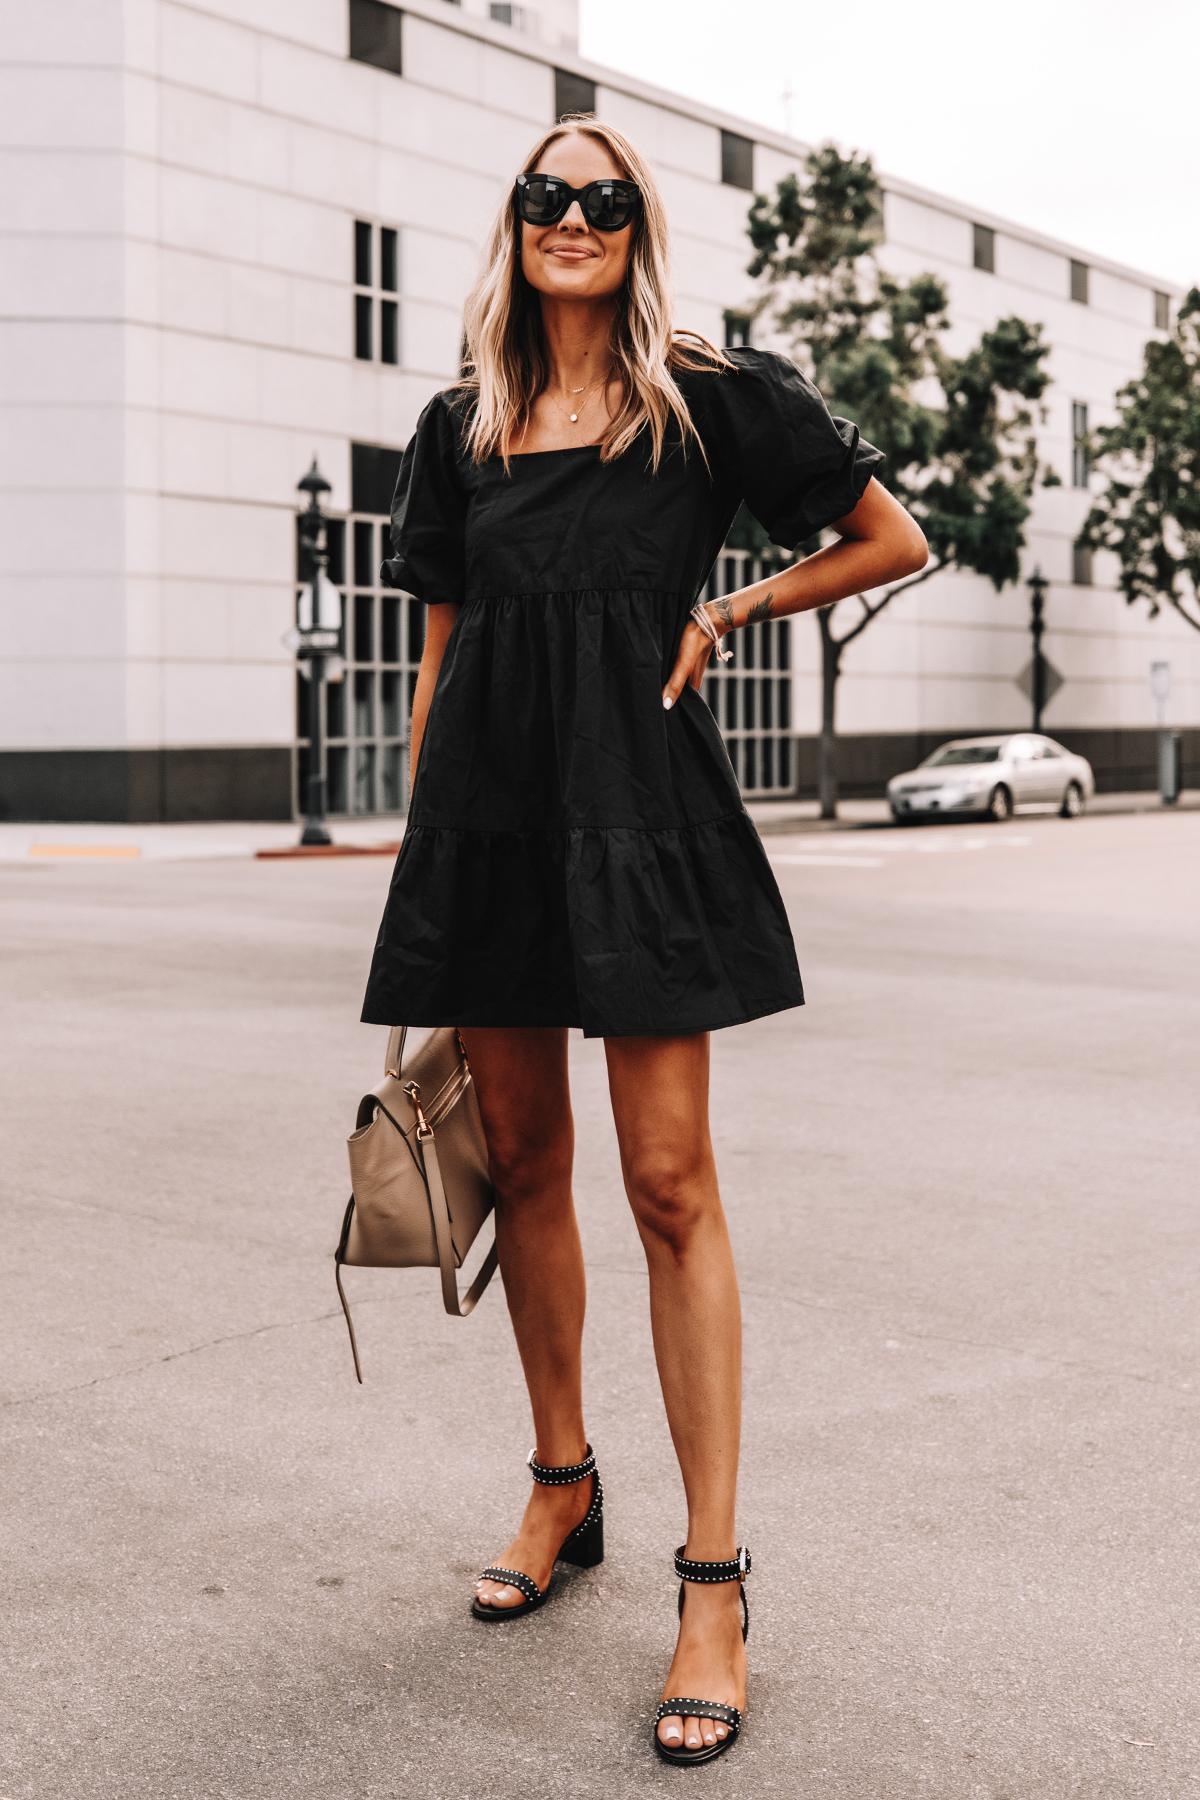 Fashion Jackson Wearing Black Ruffle Dress Givenchy Elegant 60 studded leather sandals Black 5